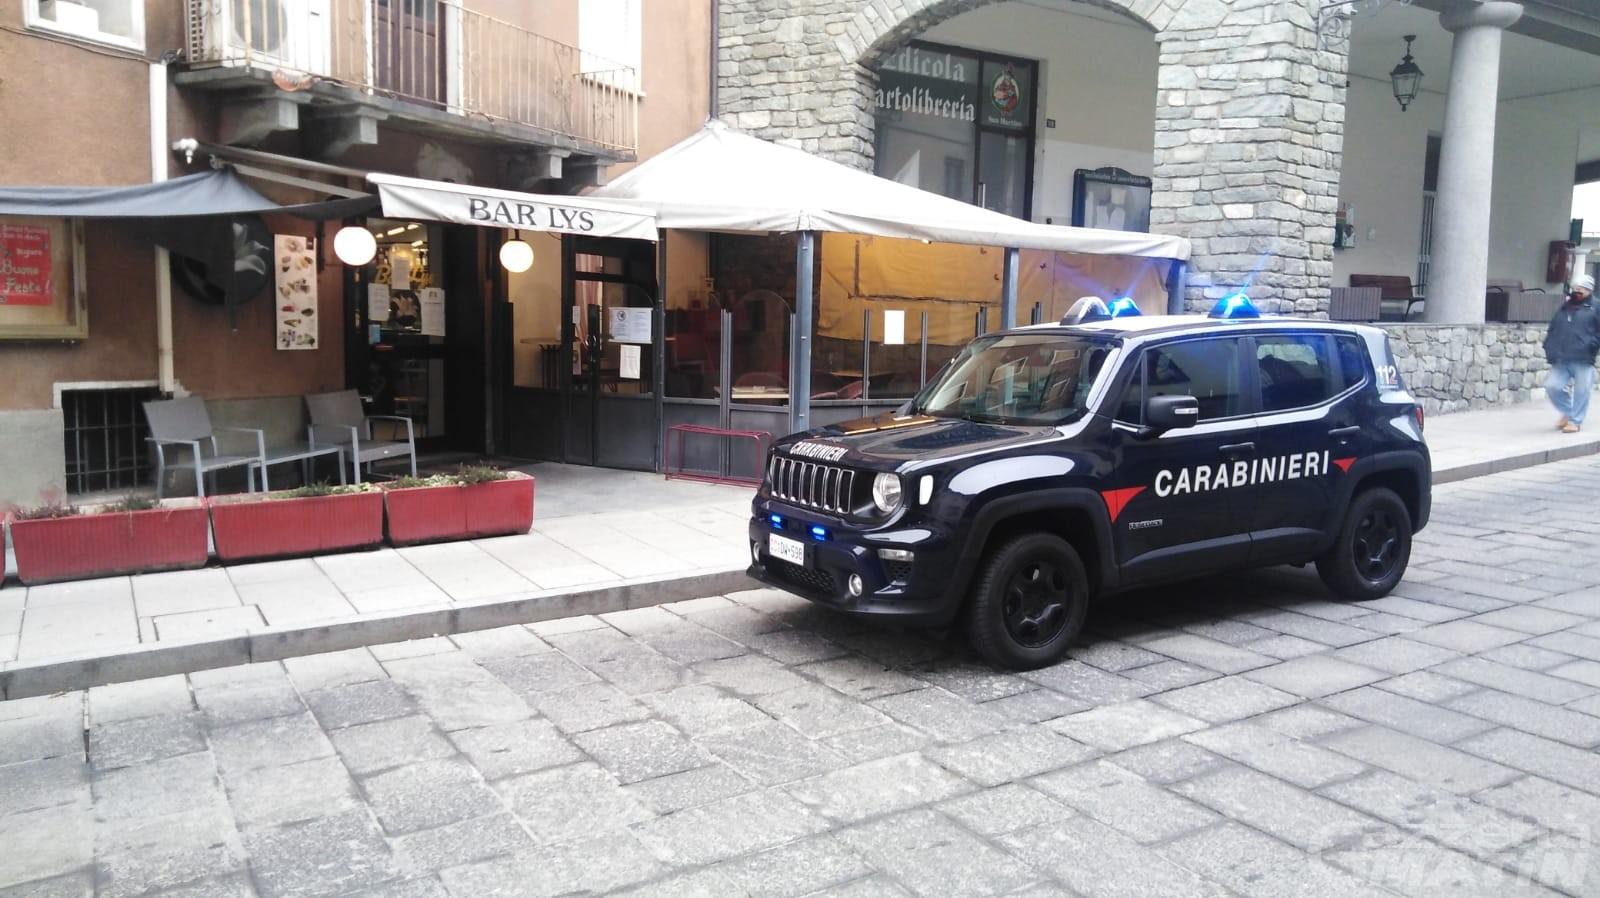 Violazione DPCM: chiusi per 30 giorni due bar di Pont-Saint-Martin